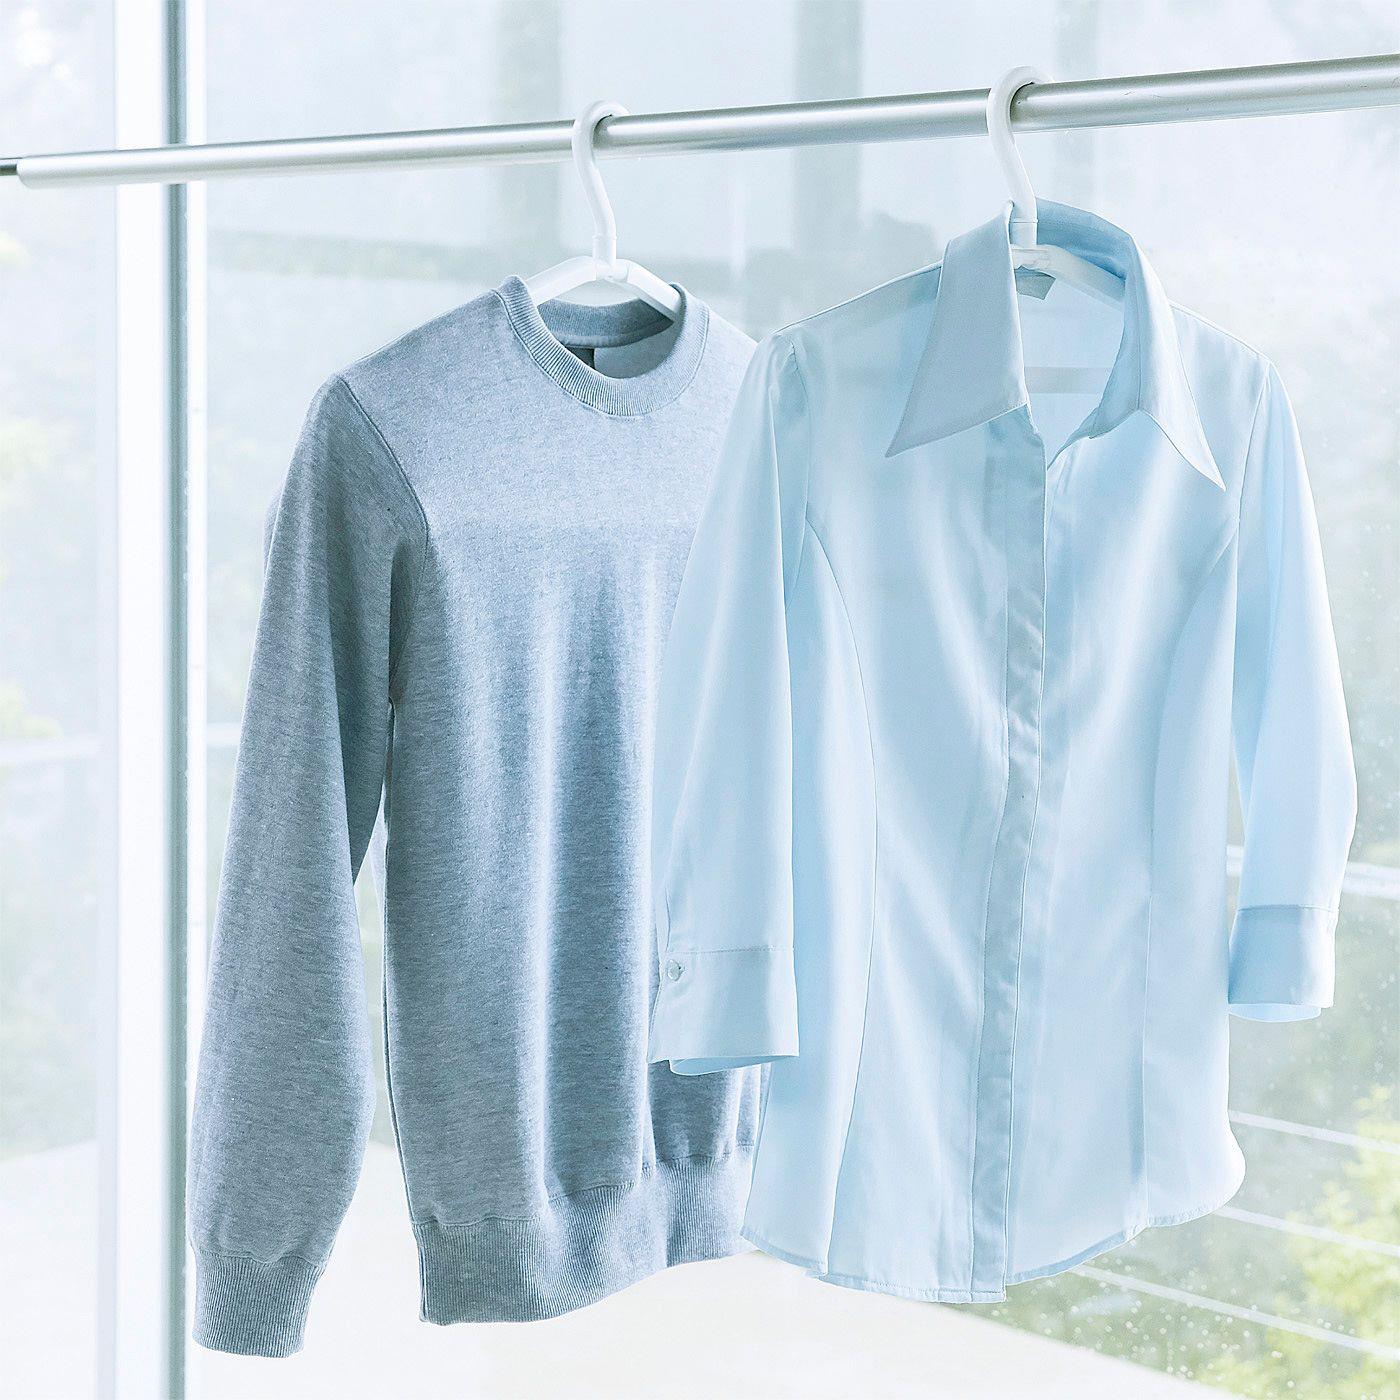 衣類の幅や厚さに合わせて、ハンガーの幅を伸ばしたりセンターアームを起こしたりできるので、洗濯物の乾きにくい季節に大活躍します。